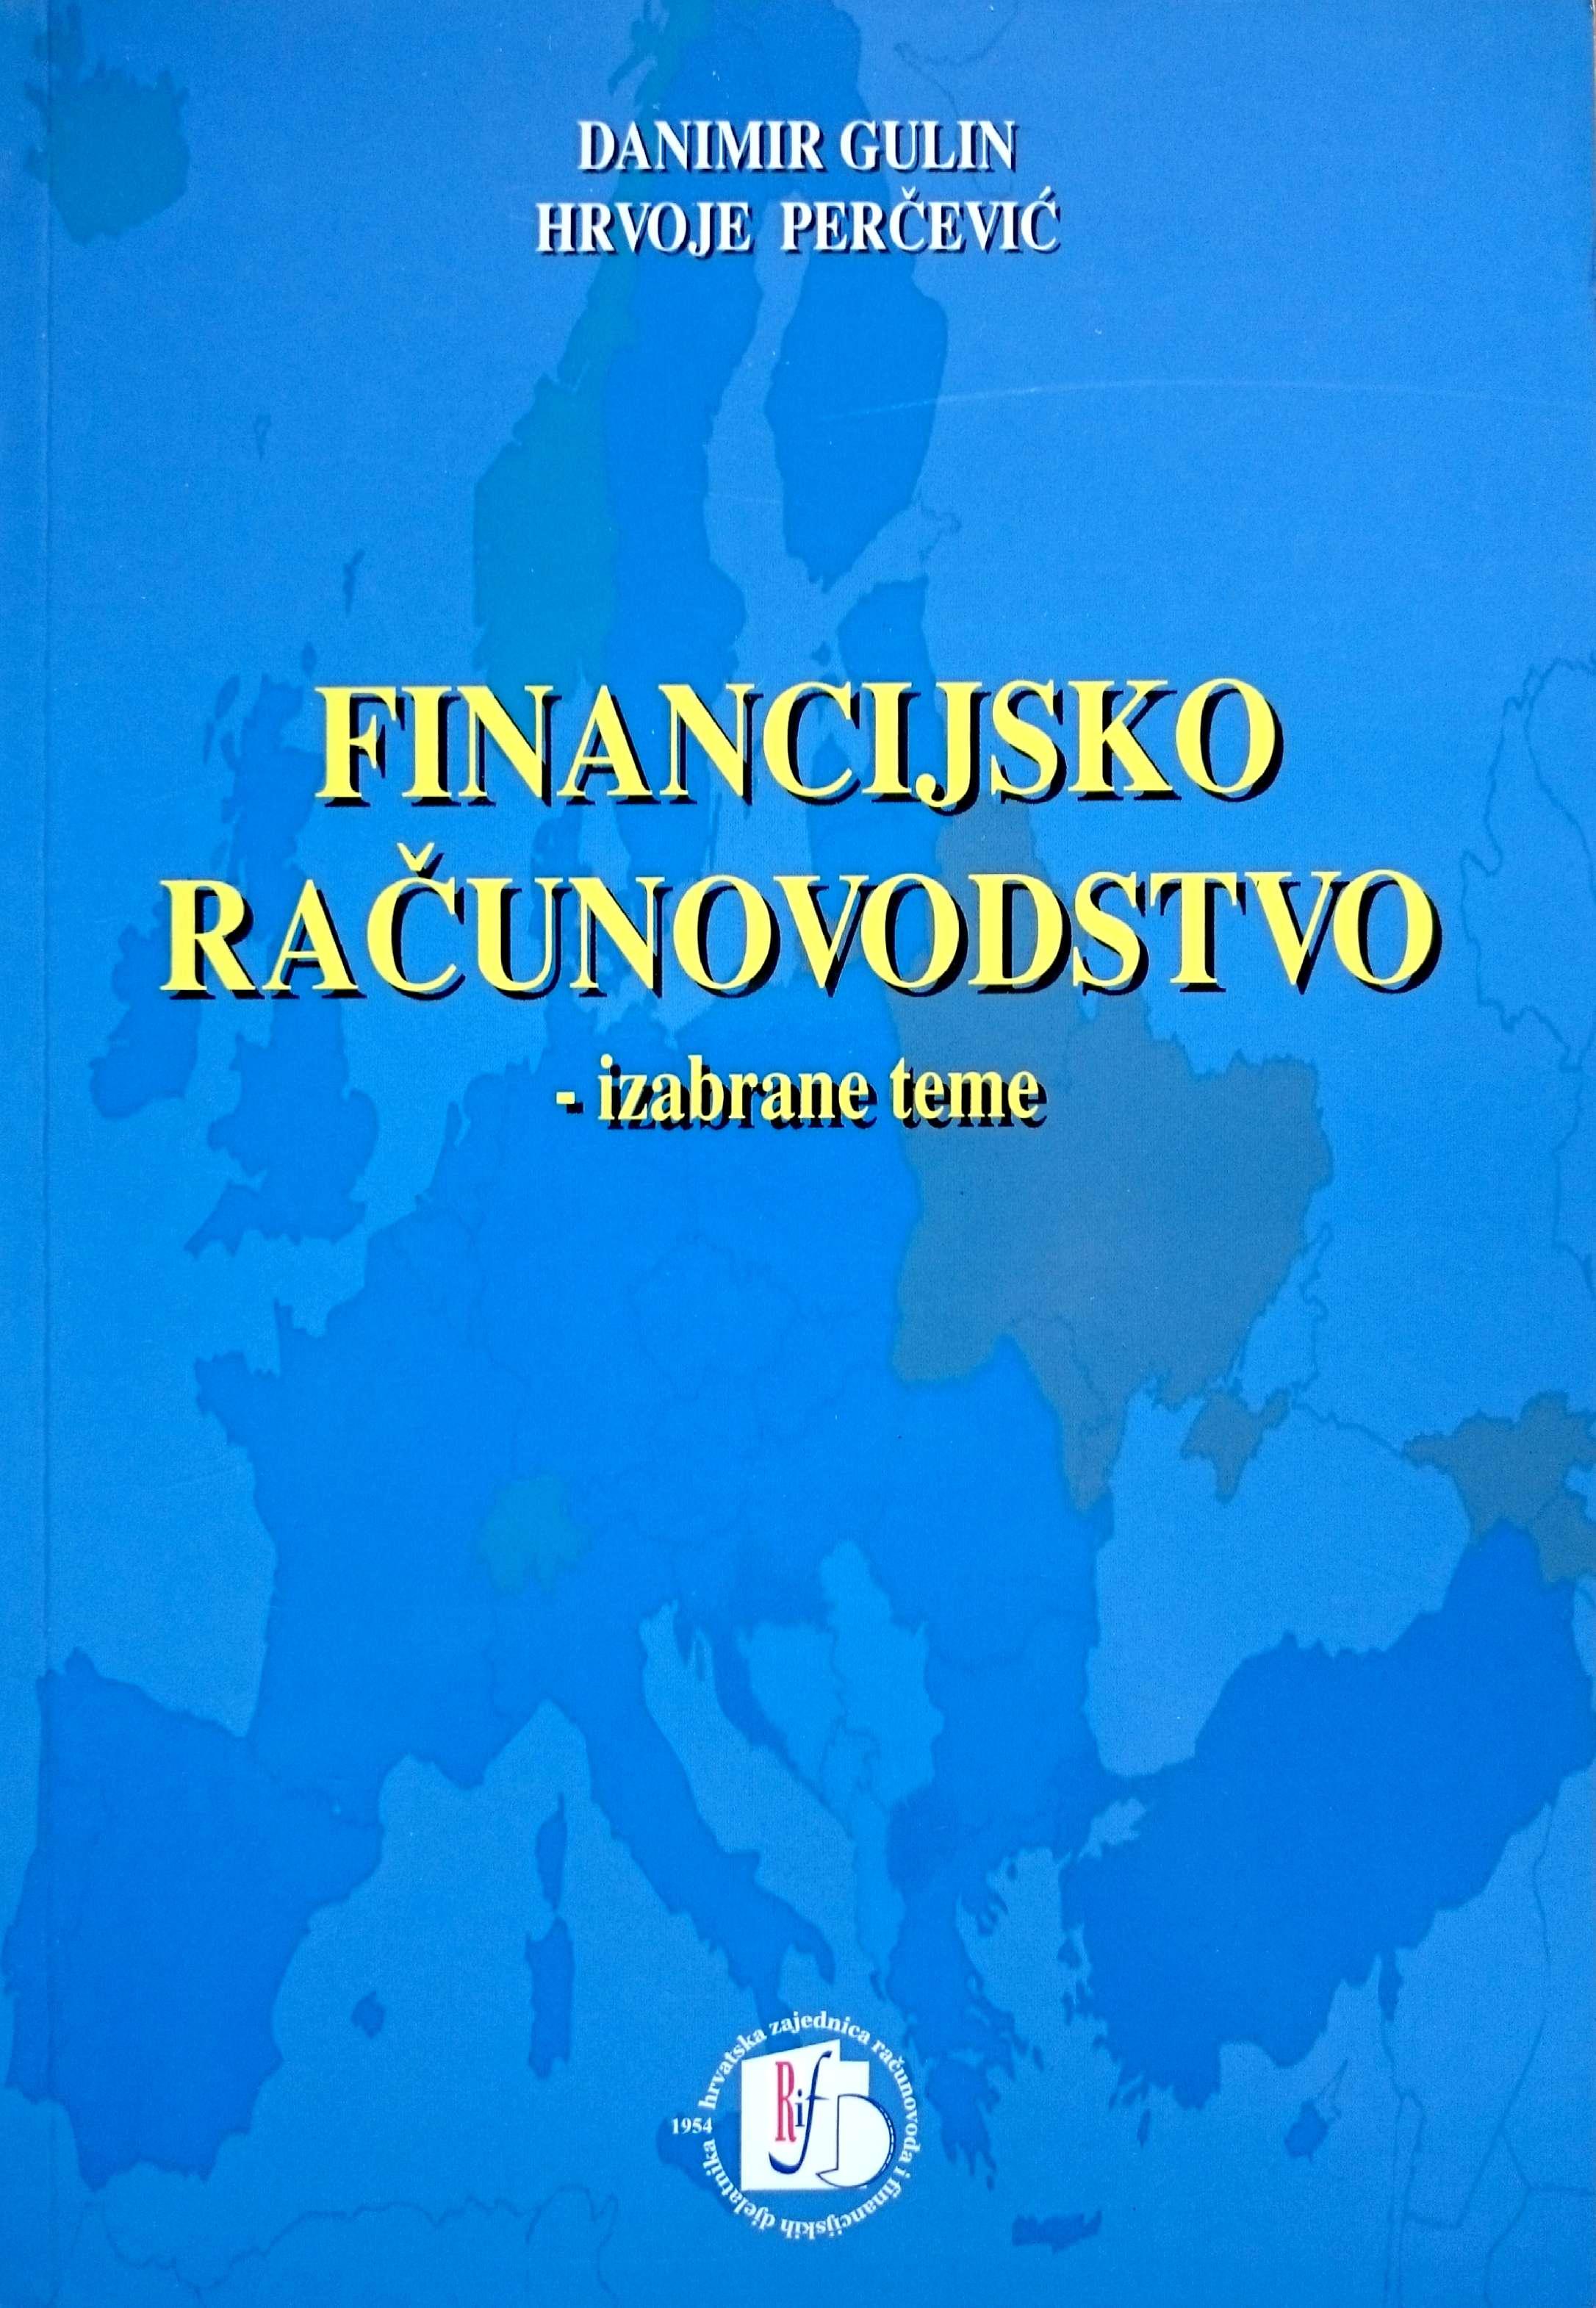 FINANCIJSKO RAČUNOVODSTVO, Izabrane teme - Naruči svoju knjigu